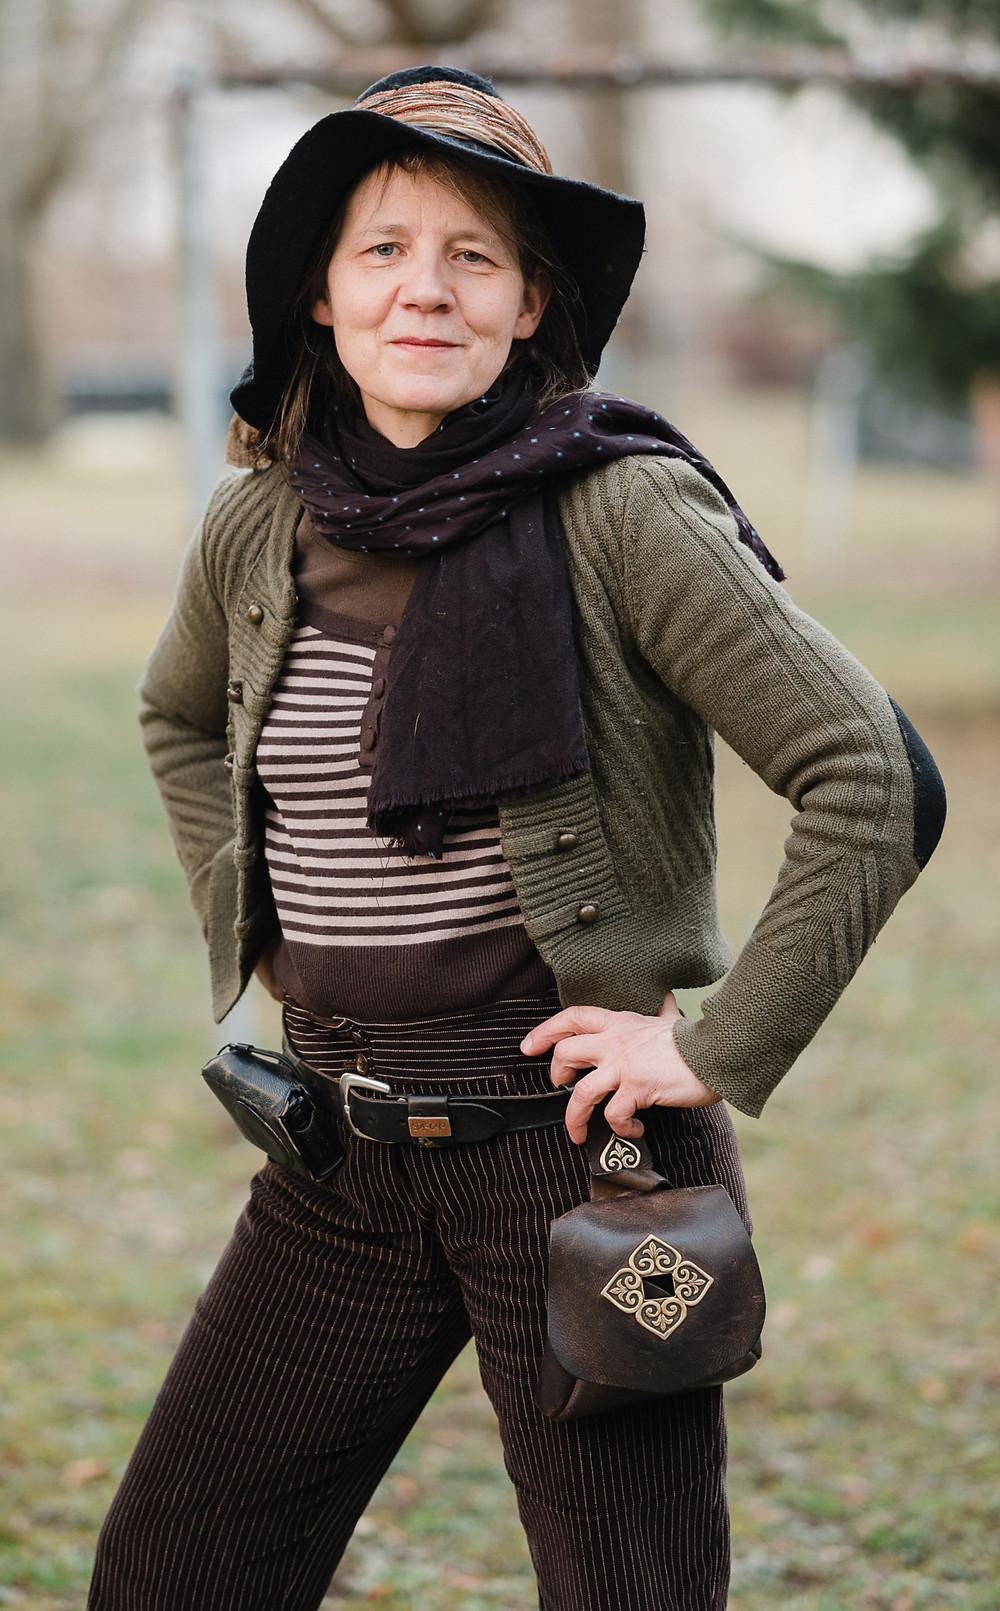 Auf dem Bild ist Birgit zu sehen, die einen Hut trägt, einen Schal und eine olivgrüne Strickjacke, ein gestreiftes Oberteil und eine schwarze Hose. Um die Hüfte trägt sie eine Tasche aus Leder.